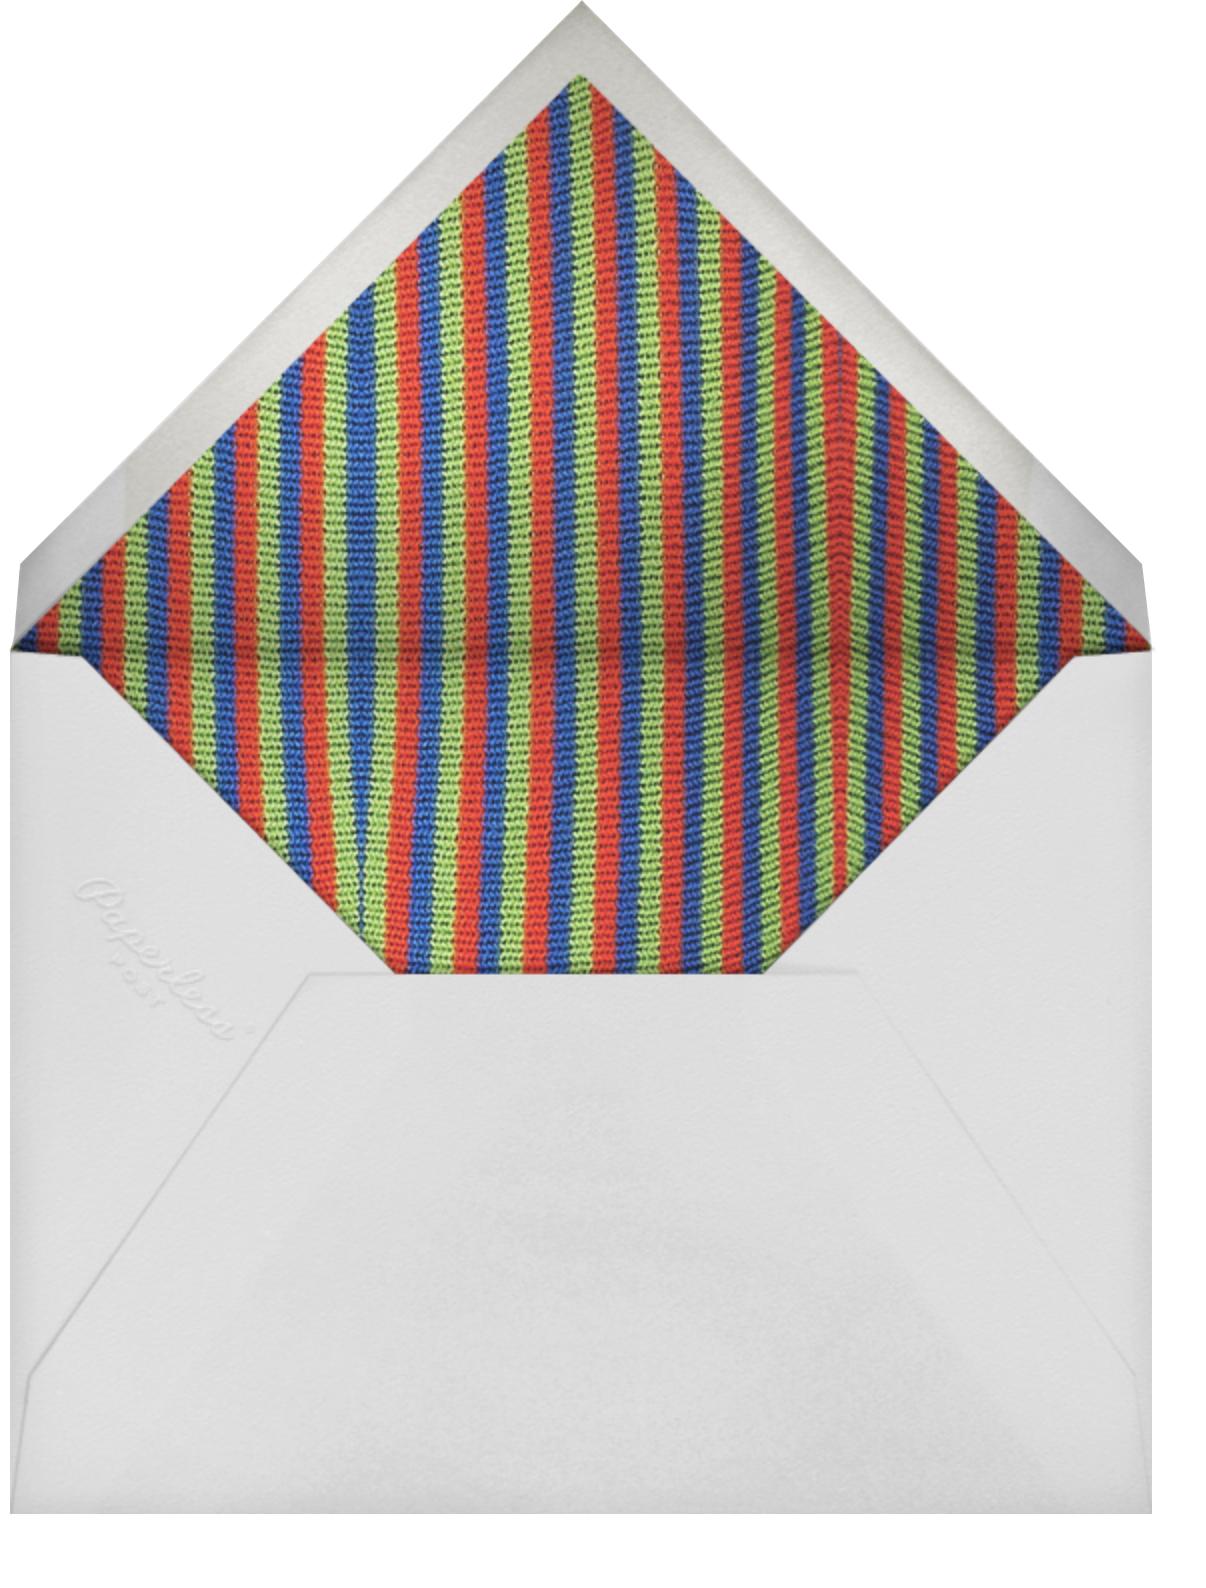 Bert and Ernie - Sesame Street - Kids' birthday - envelope back